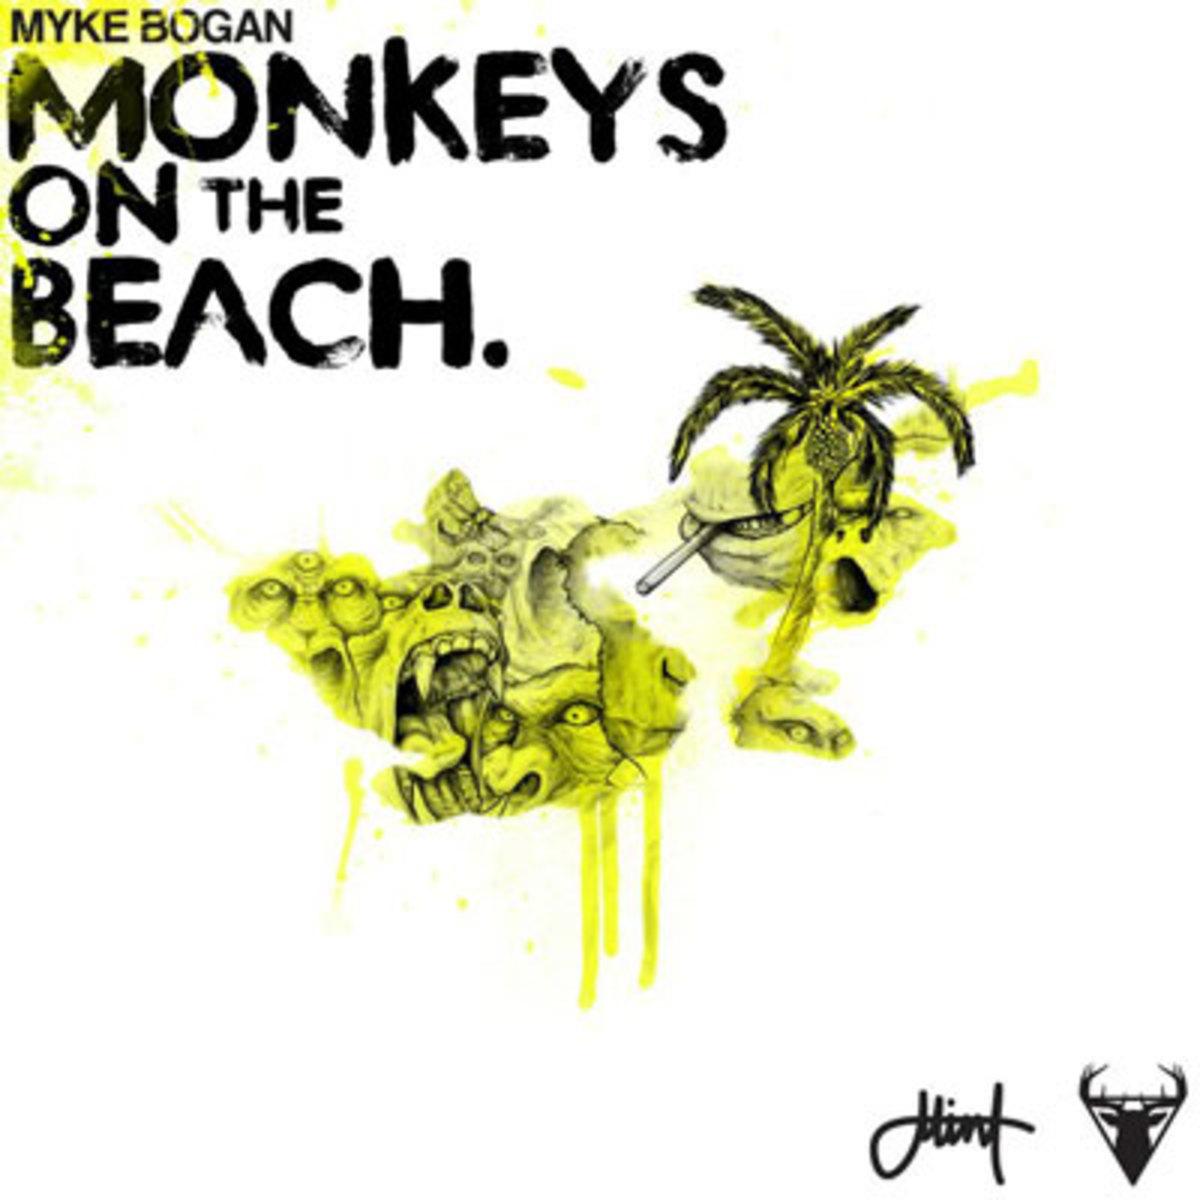 mykeboagn-monkeys.jpg